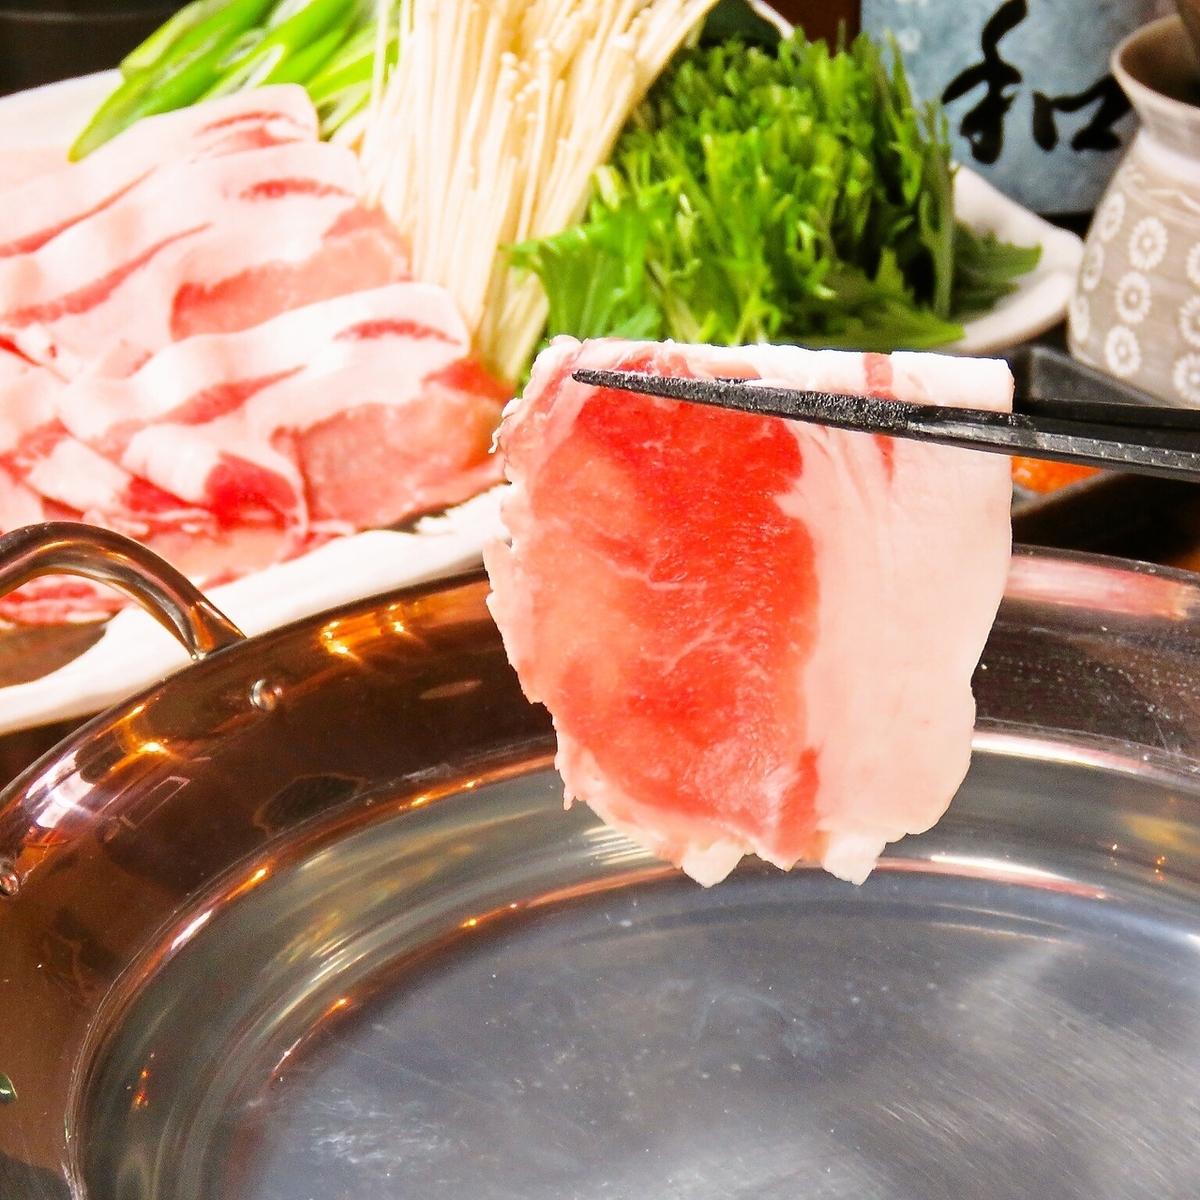 猪里脊肉,蔬菜套装(1人份)